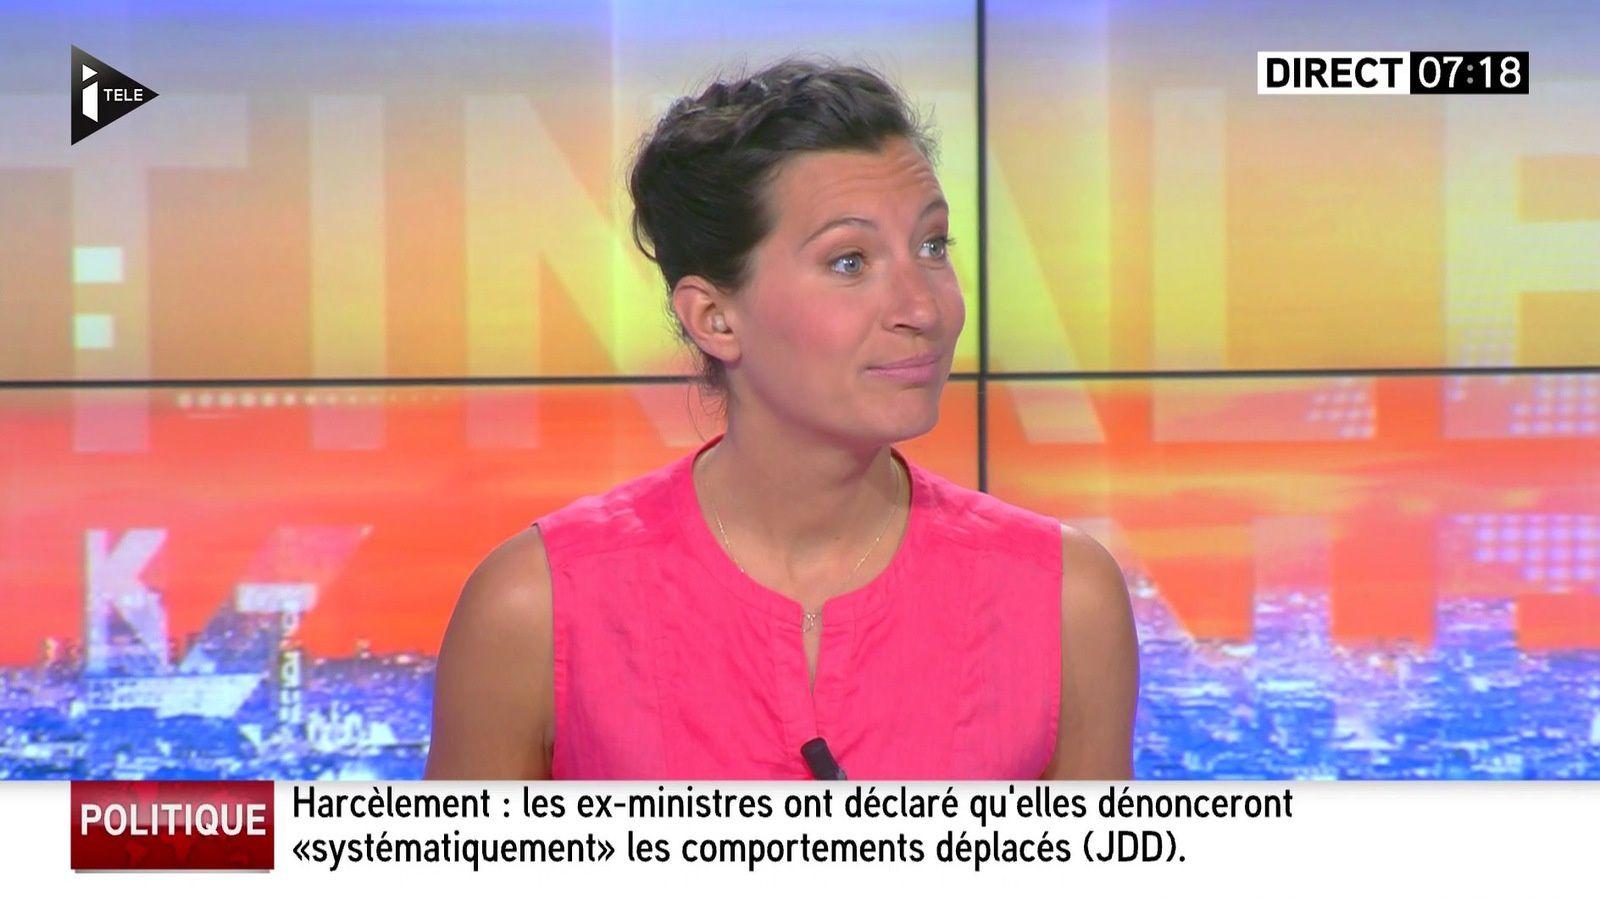 ALICE ROUGERIE pour LA MATINALE WEEK-END du 2016 05 15 sur i&gt&#x3B;tele